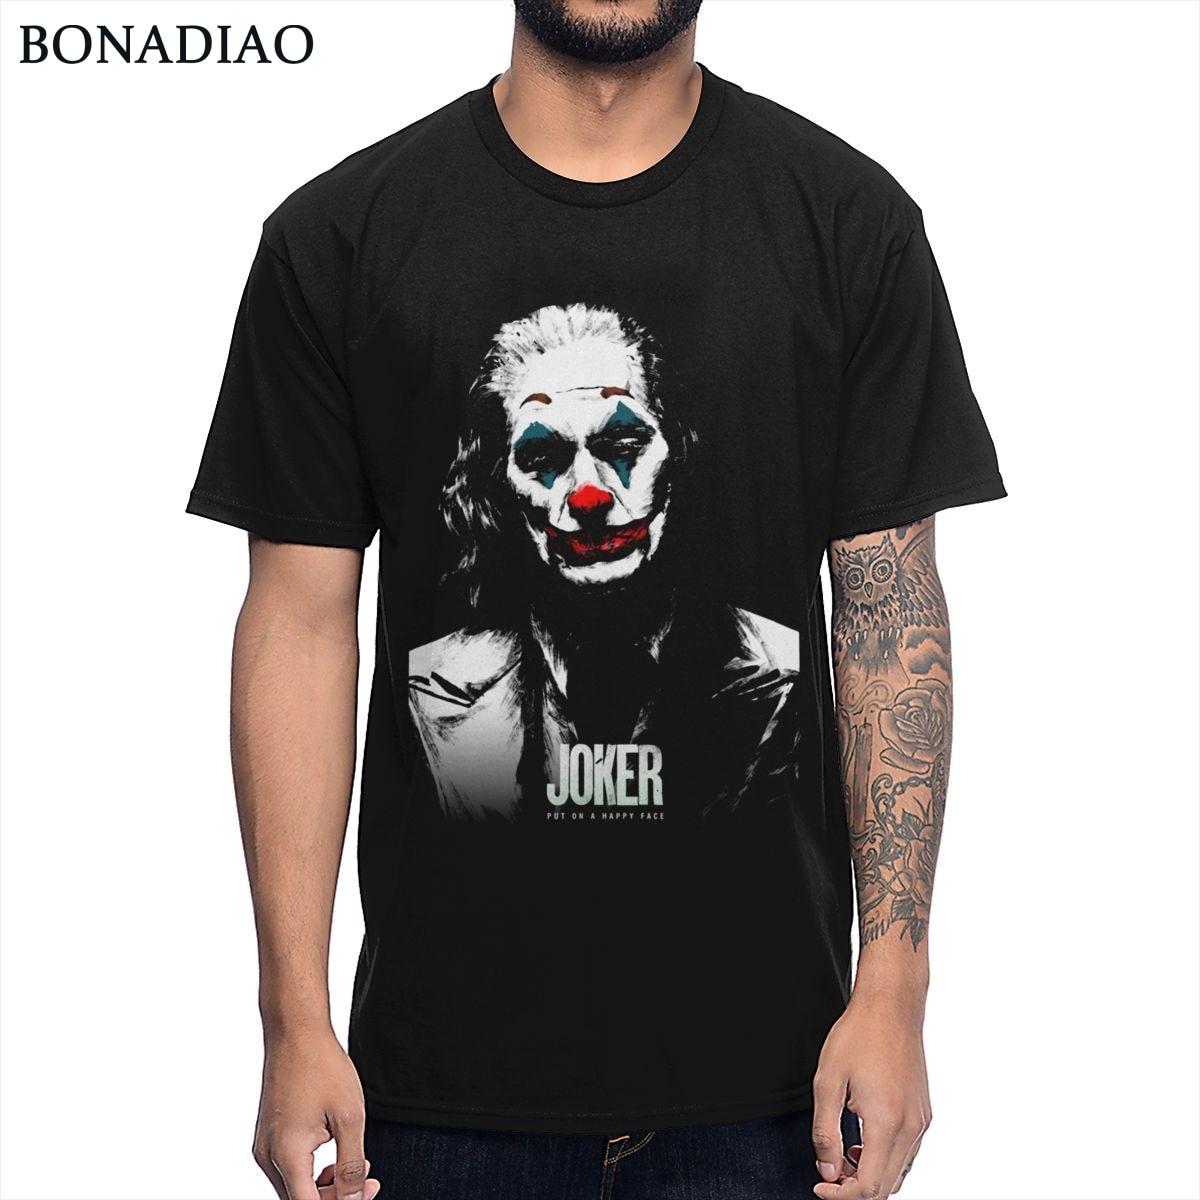 2019 nueva película Joker Joaquín Phoenix Pop Art camiseta Rock Roll Camiseta de cuello redondo de algodón saludable